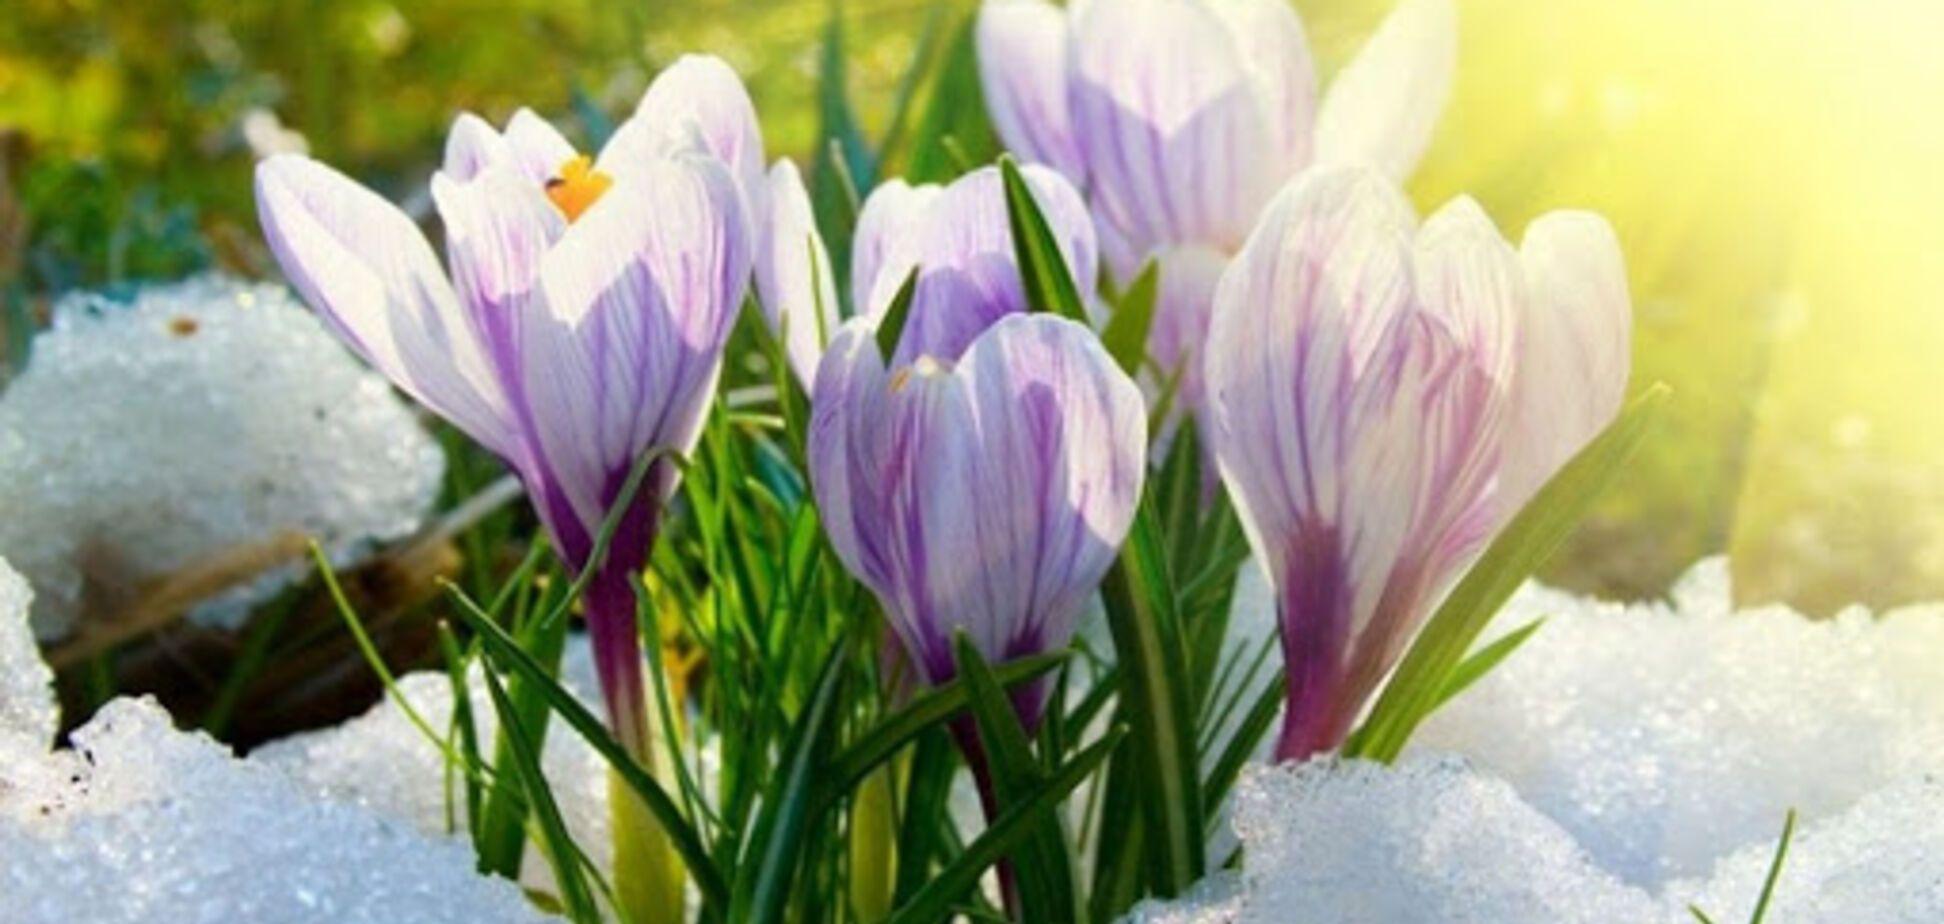 Прогноз погоды на весну-2020 в Украине рассорил синоптиков